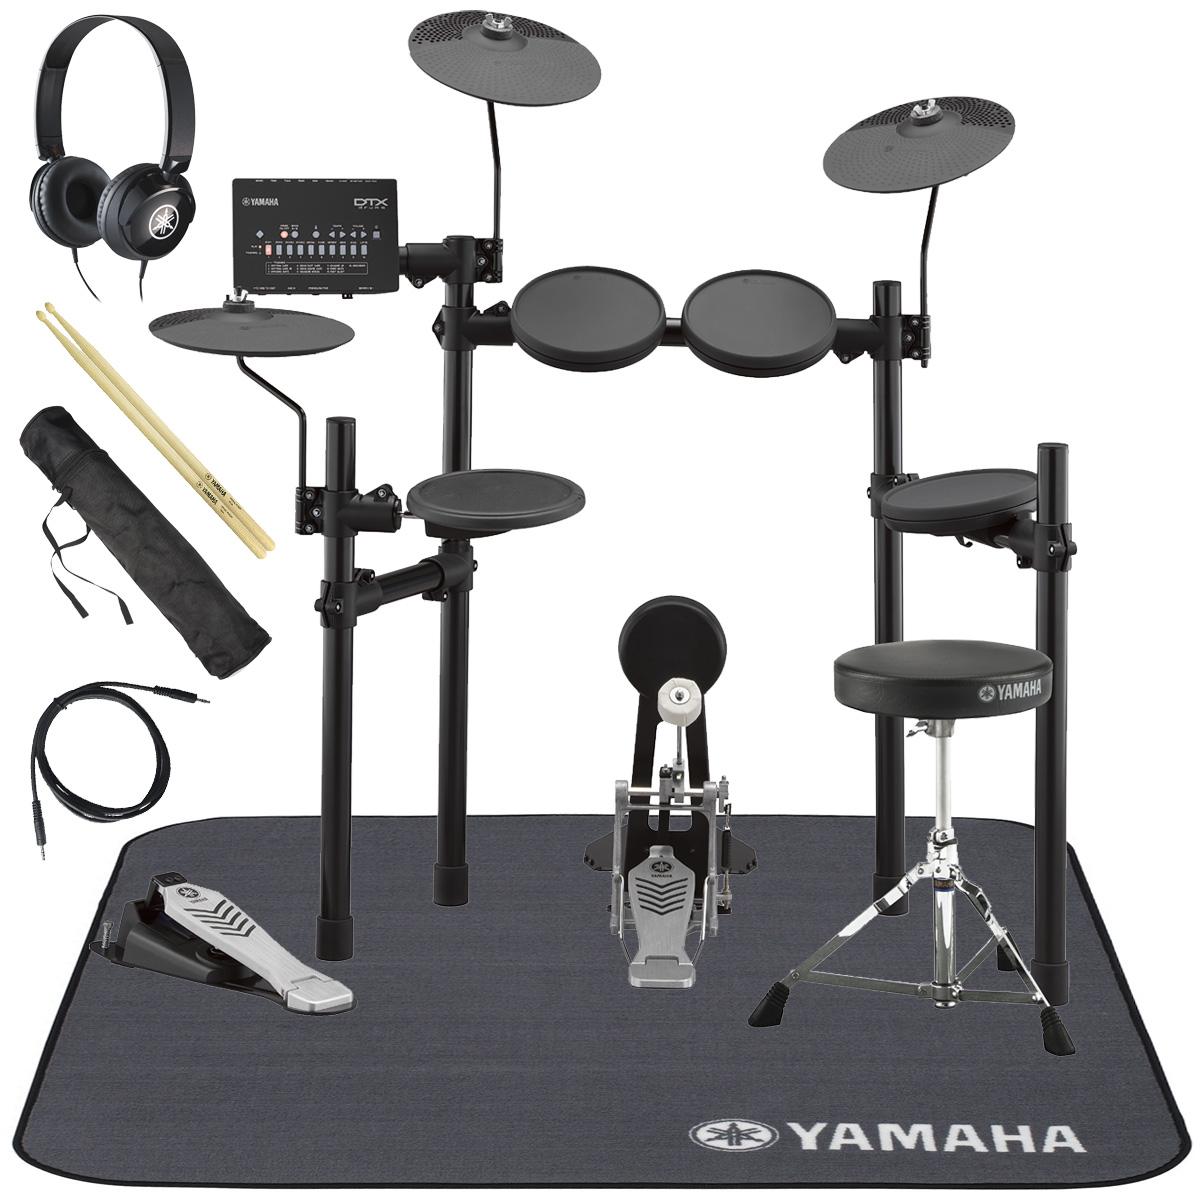 YAMAHA / DTX452KS 電子ドラム ヤマハ純正ヘッドホンとスティックとマットセット【YRK】